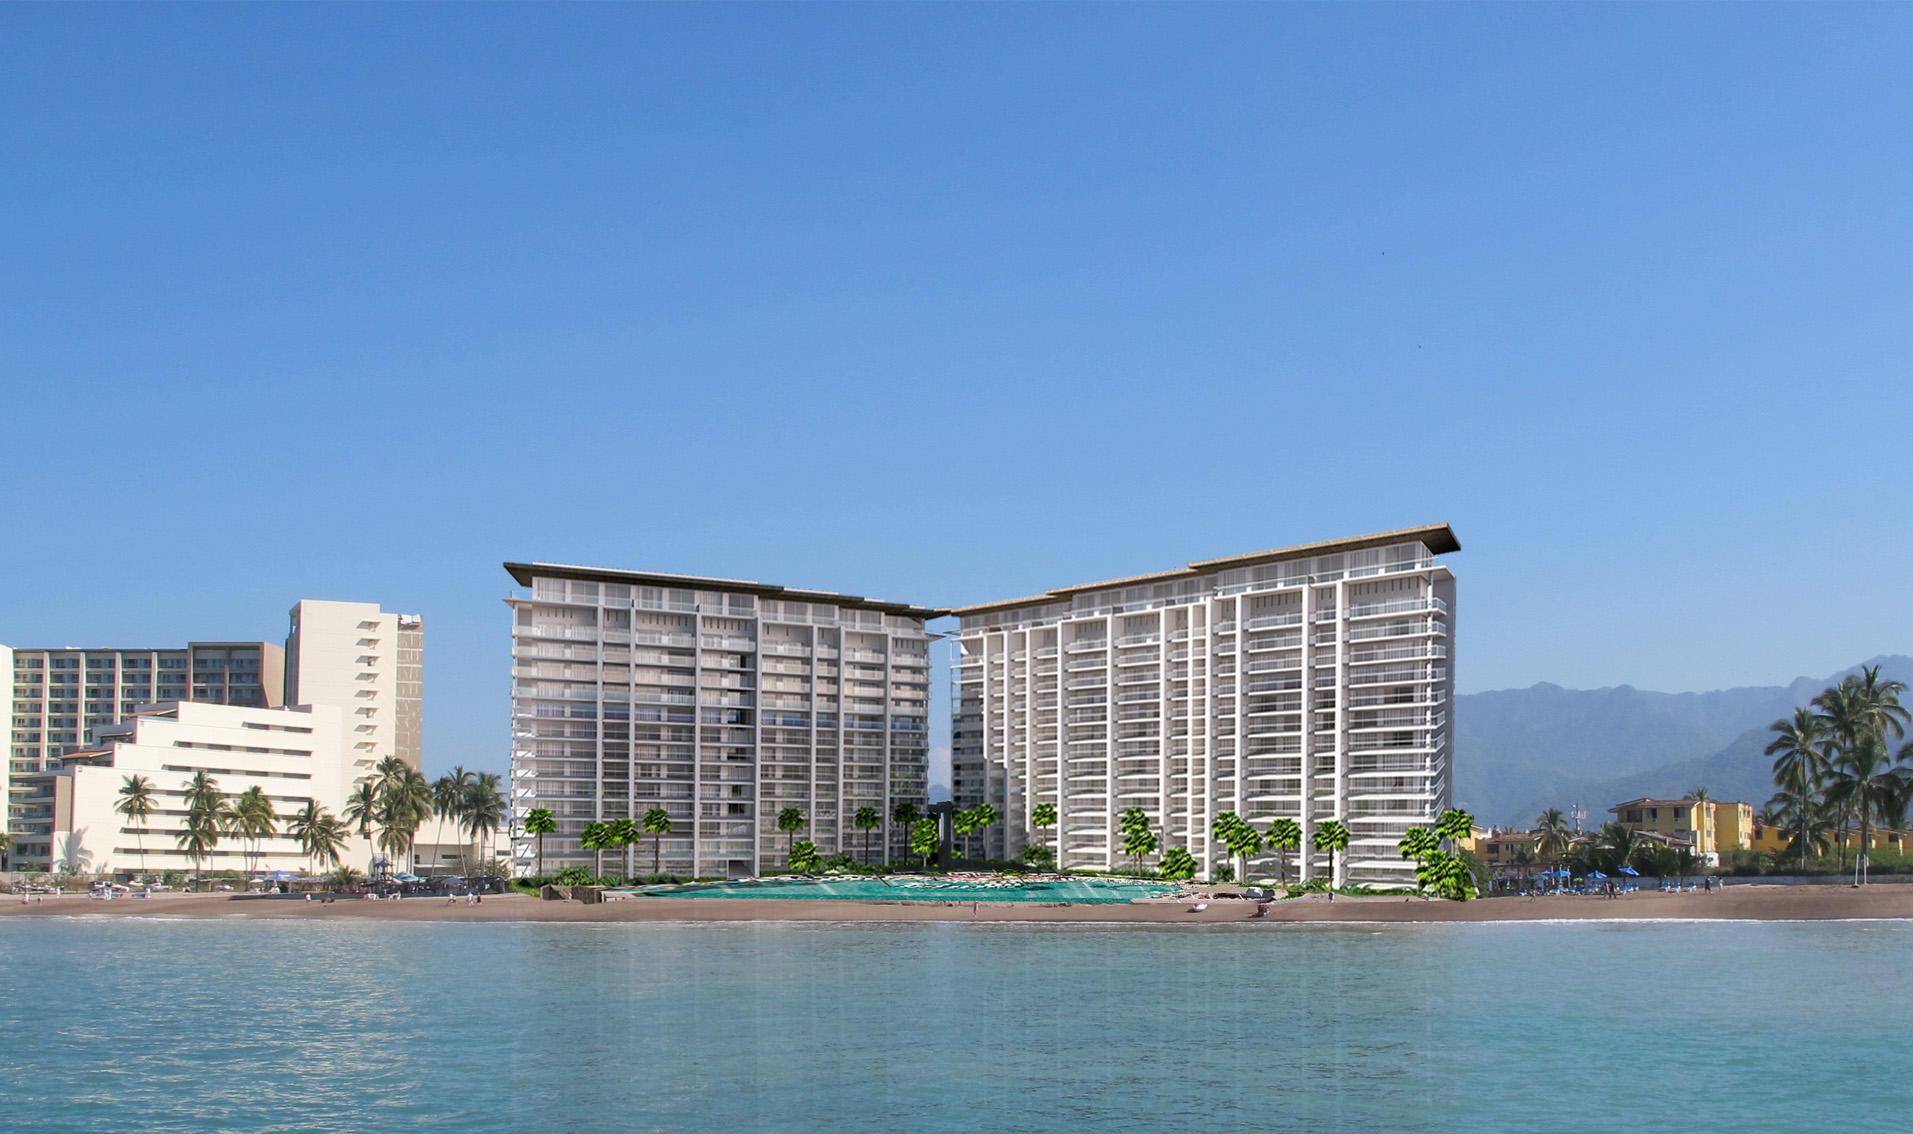 Hotel Zone, 2 Bedrooms Bedrooms, ,2 BathroomsBathrooms,Condo,For Sale,Febronio Uribe,12552